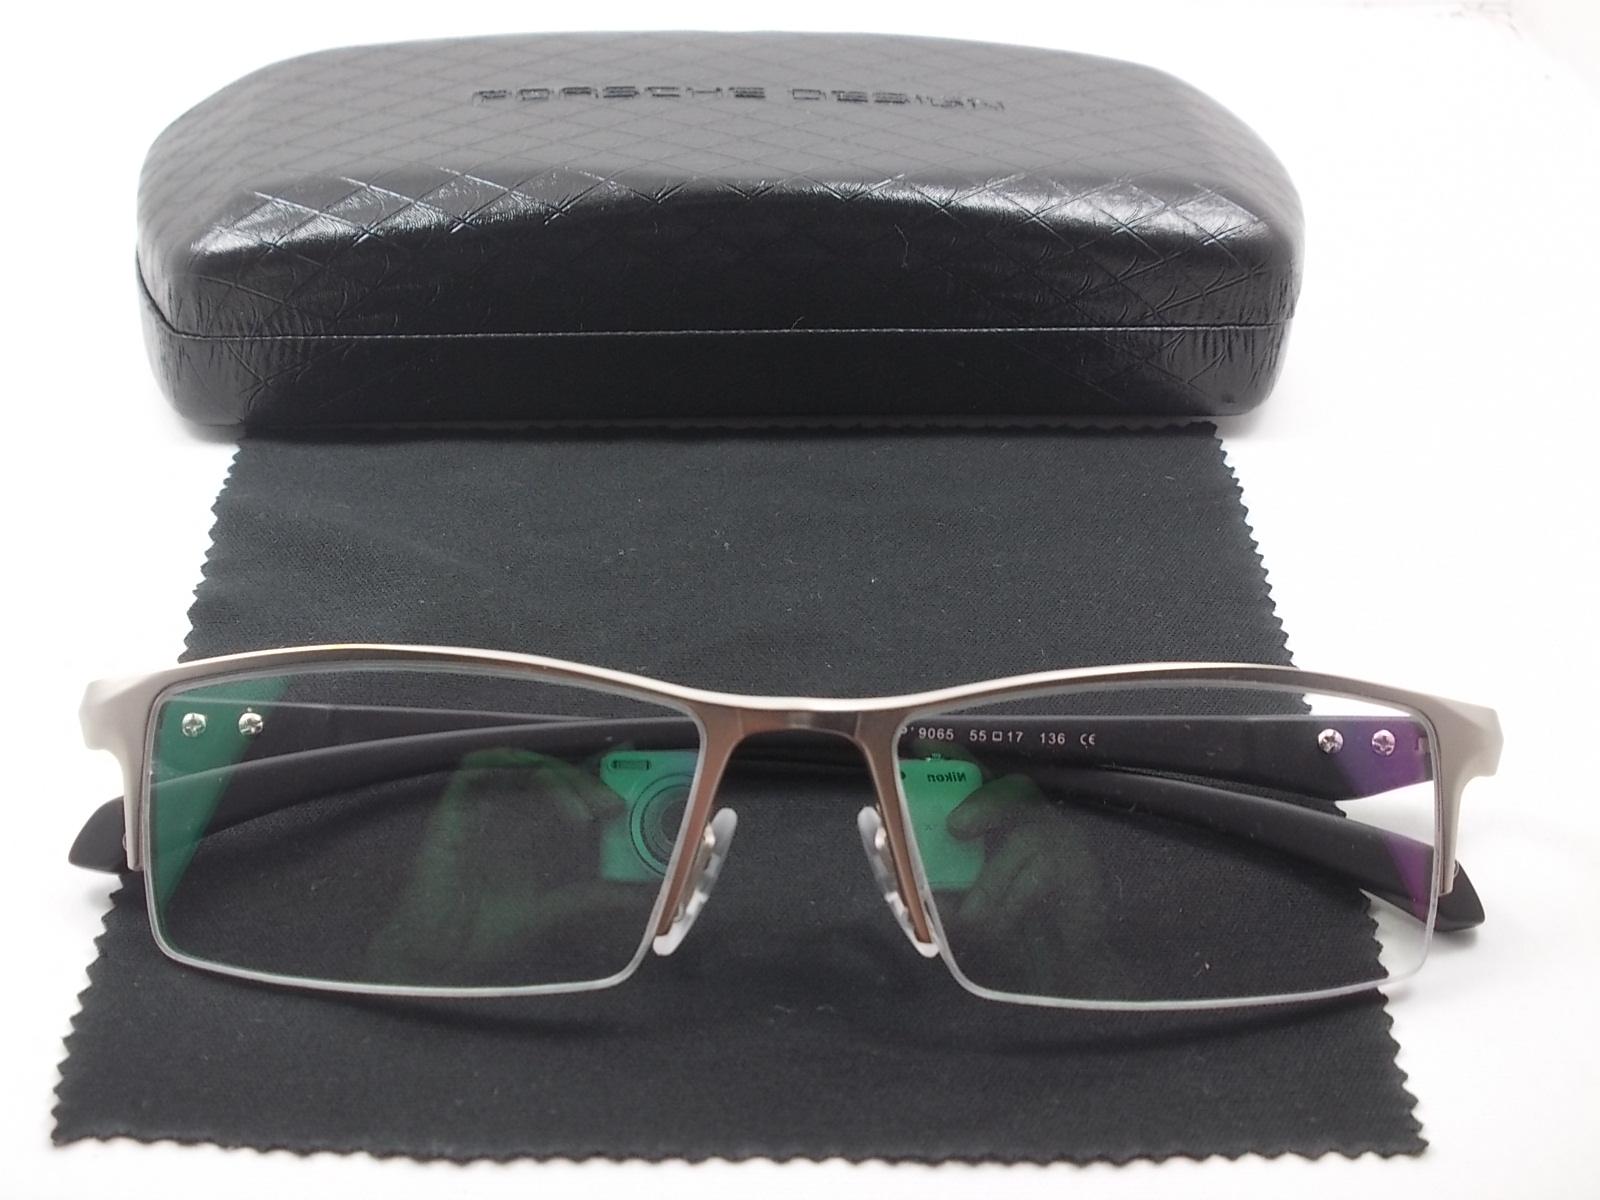 กรอบแว่นตานำเข้า P9065N กรอบเงิน 55-17-136